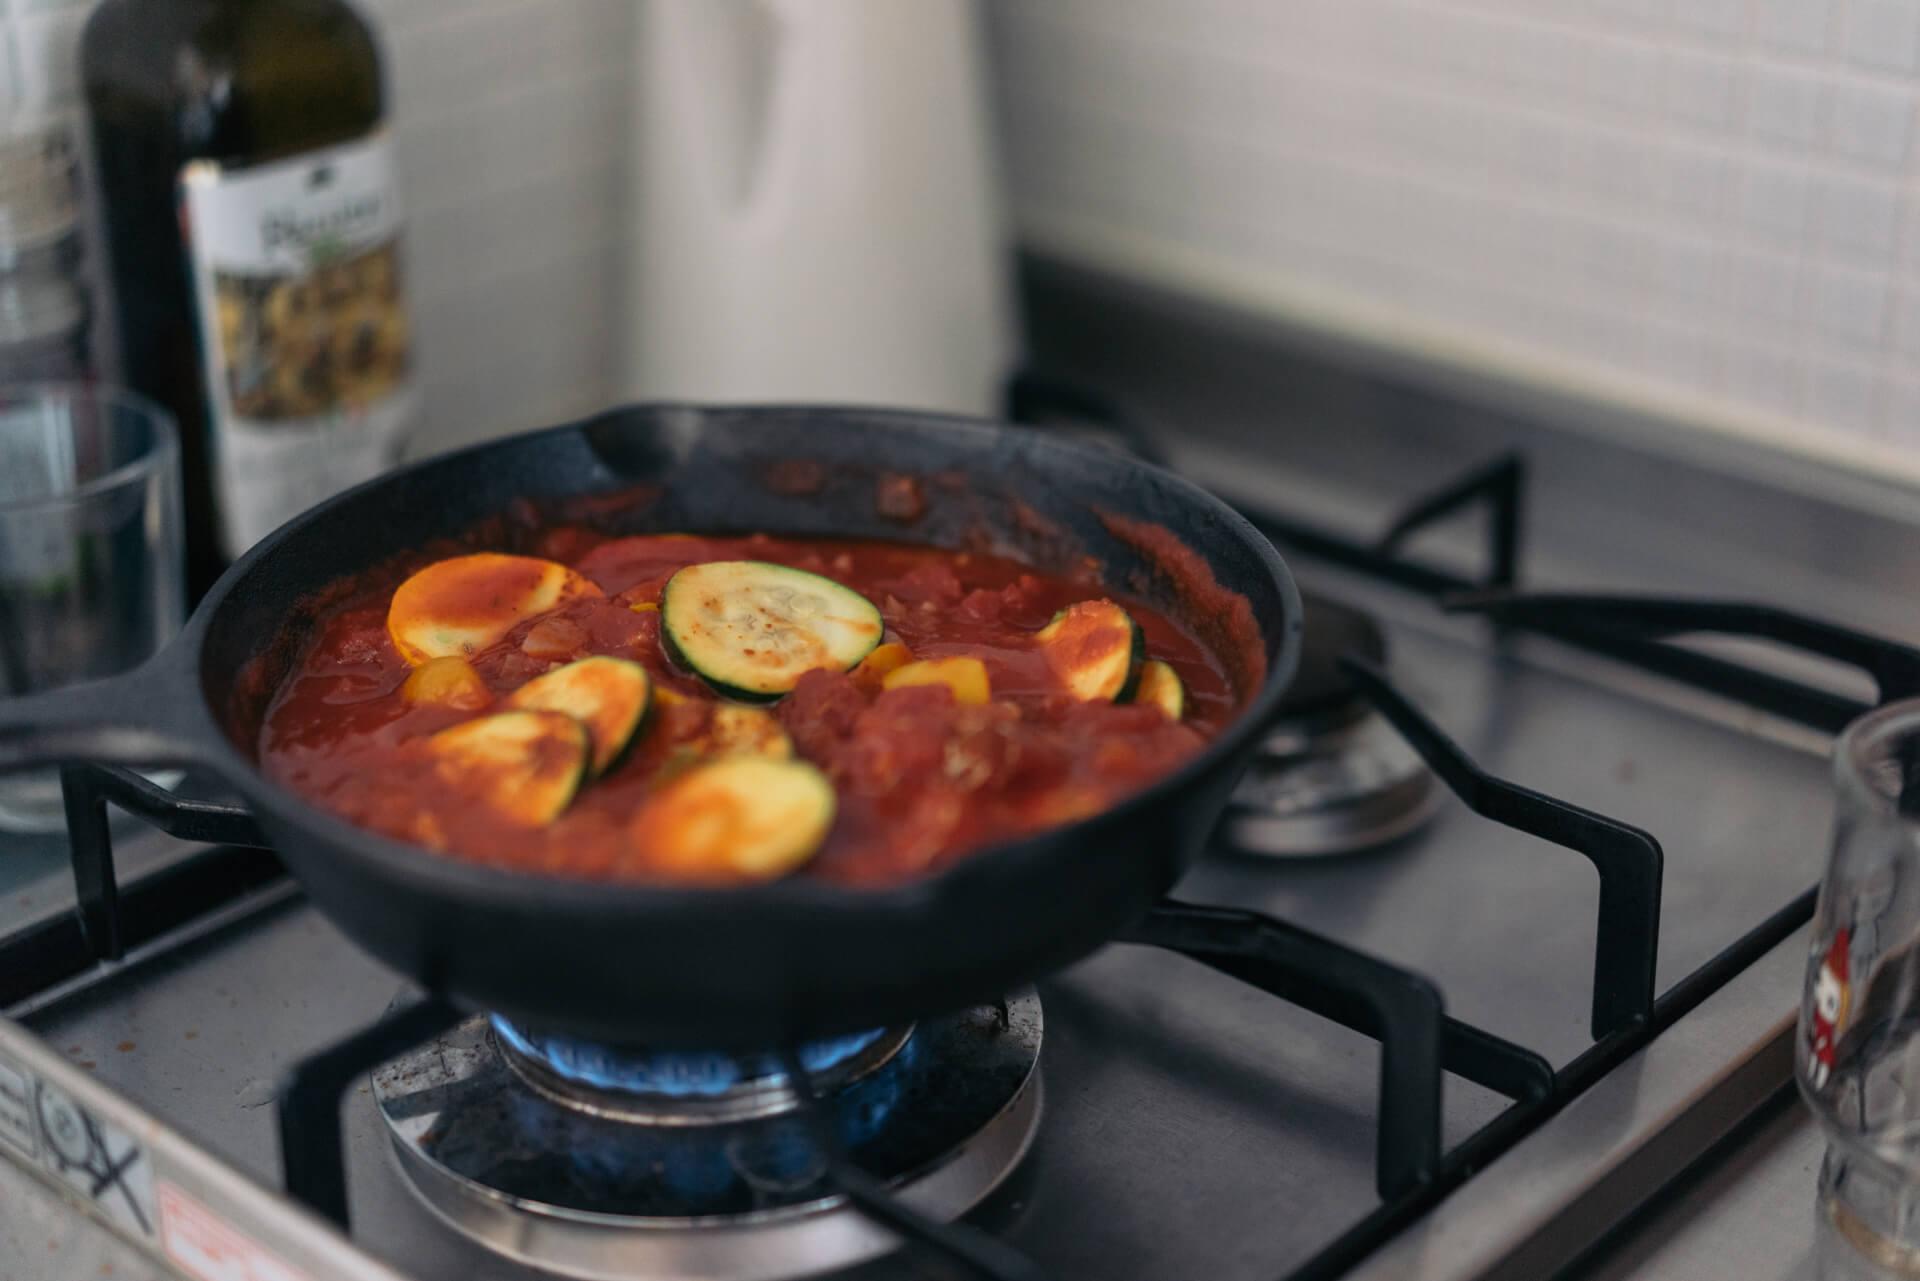 この日作っていただいたのは、「シャクシュカ」というイスラエル料理。ニンニク、タマネギ、ズッキーニを炒めてトマトとナツメグなどのスパイスで味付けし、真ん中に半熟卵を落とせば完成。